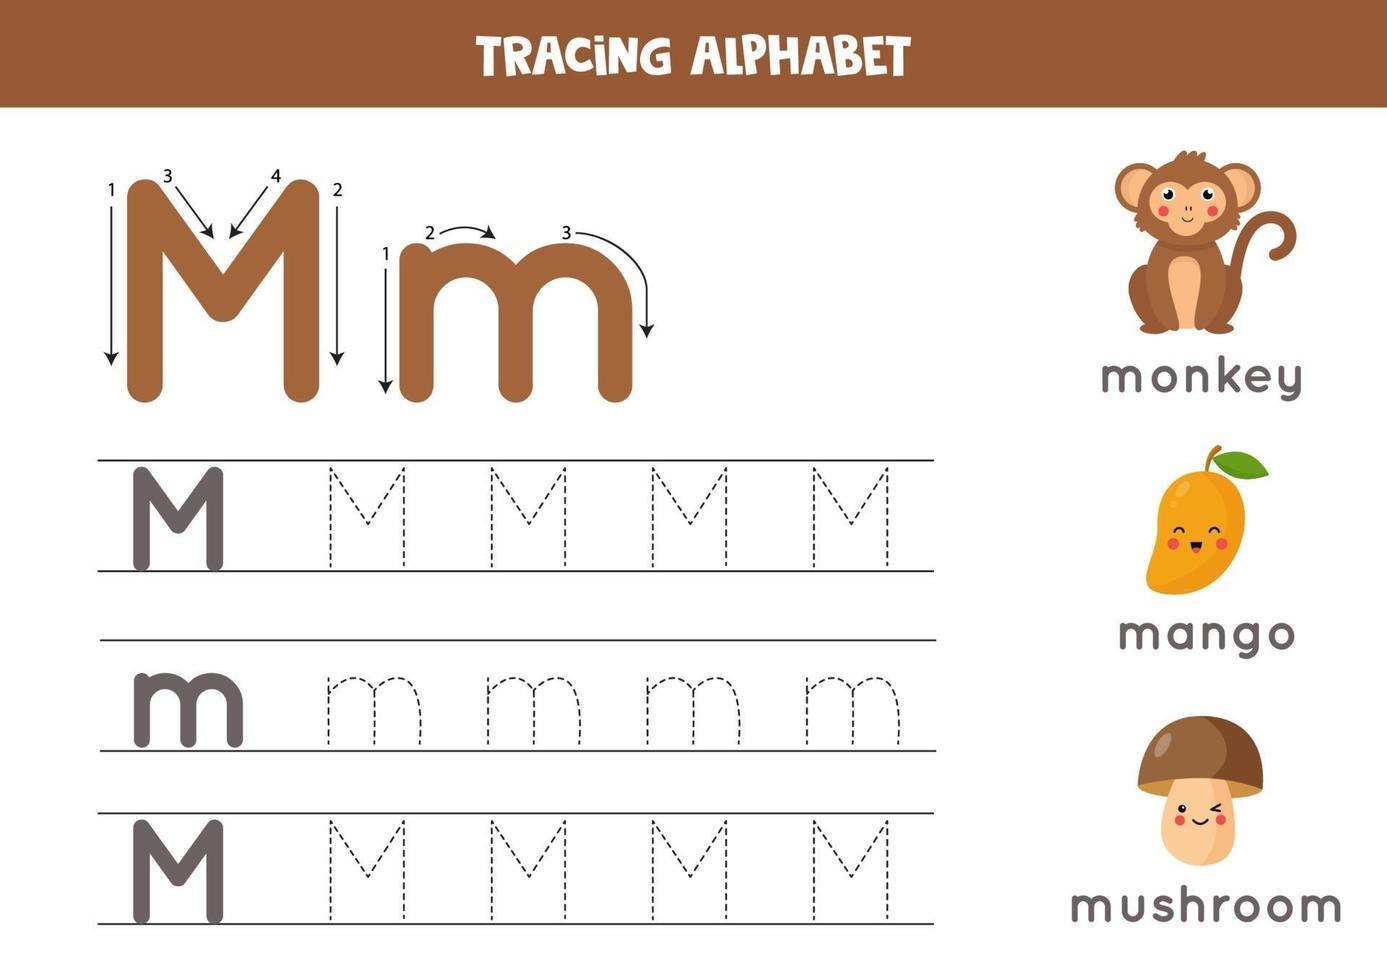 tracciando la lettera m dell'alfabeto con immagini di simpatici cartoni animati. vettore